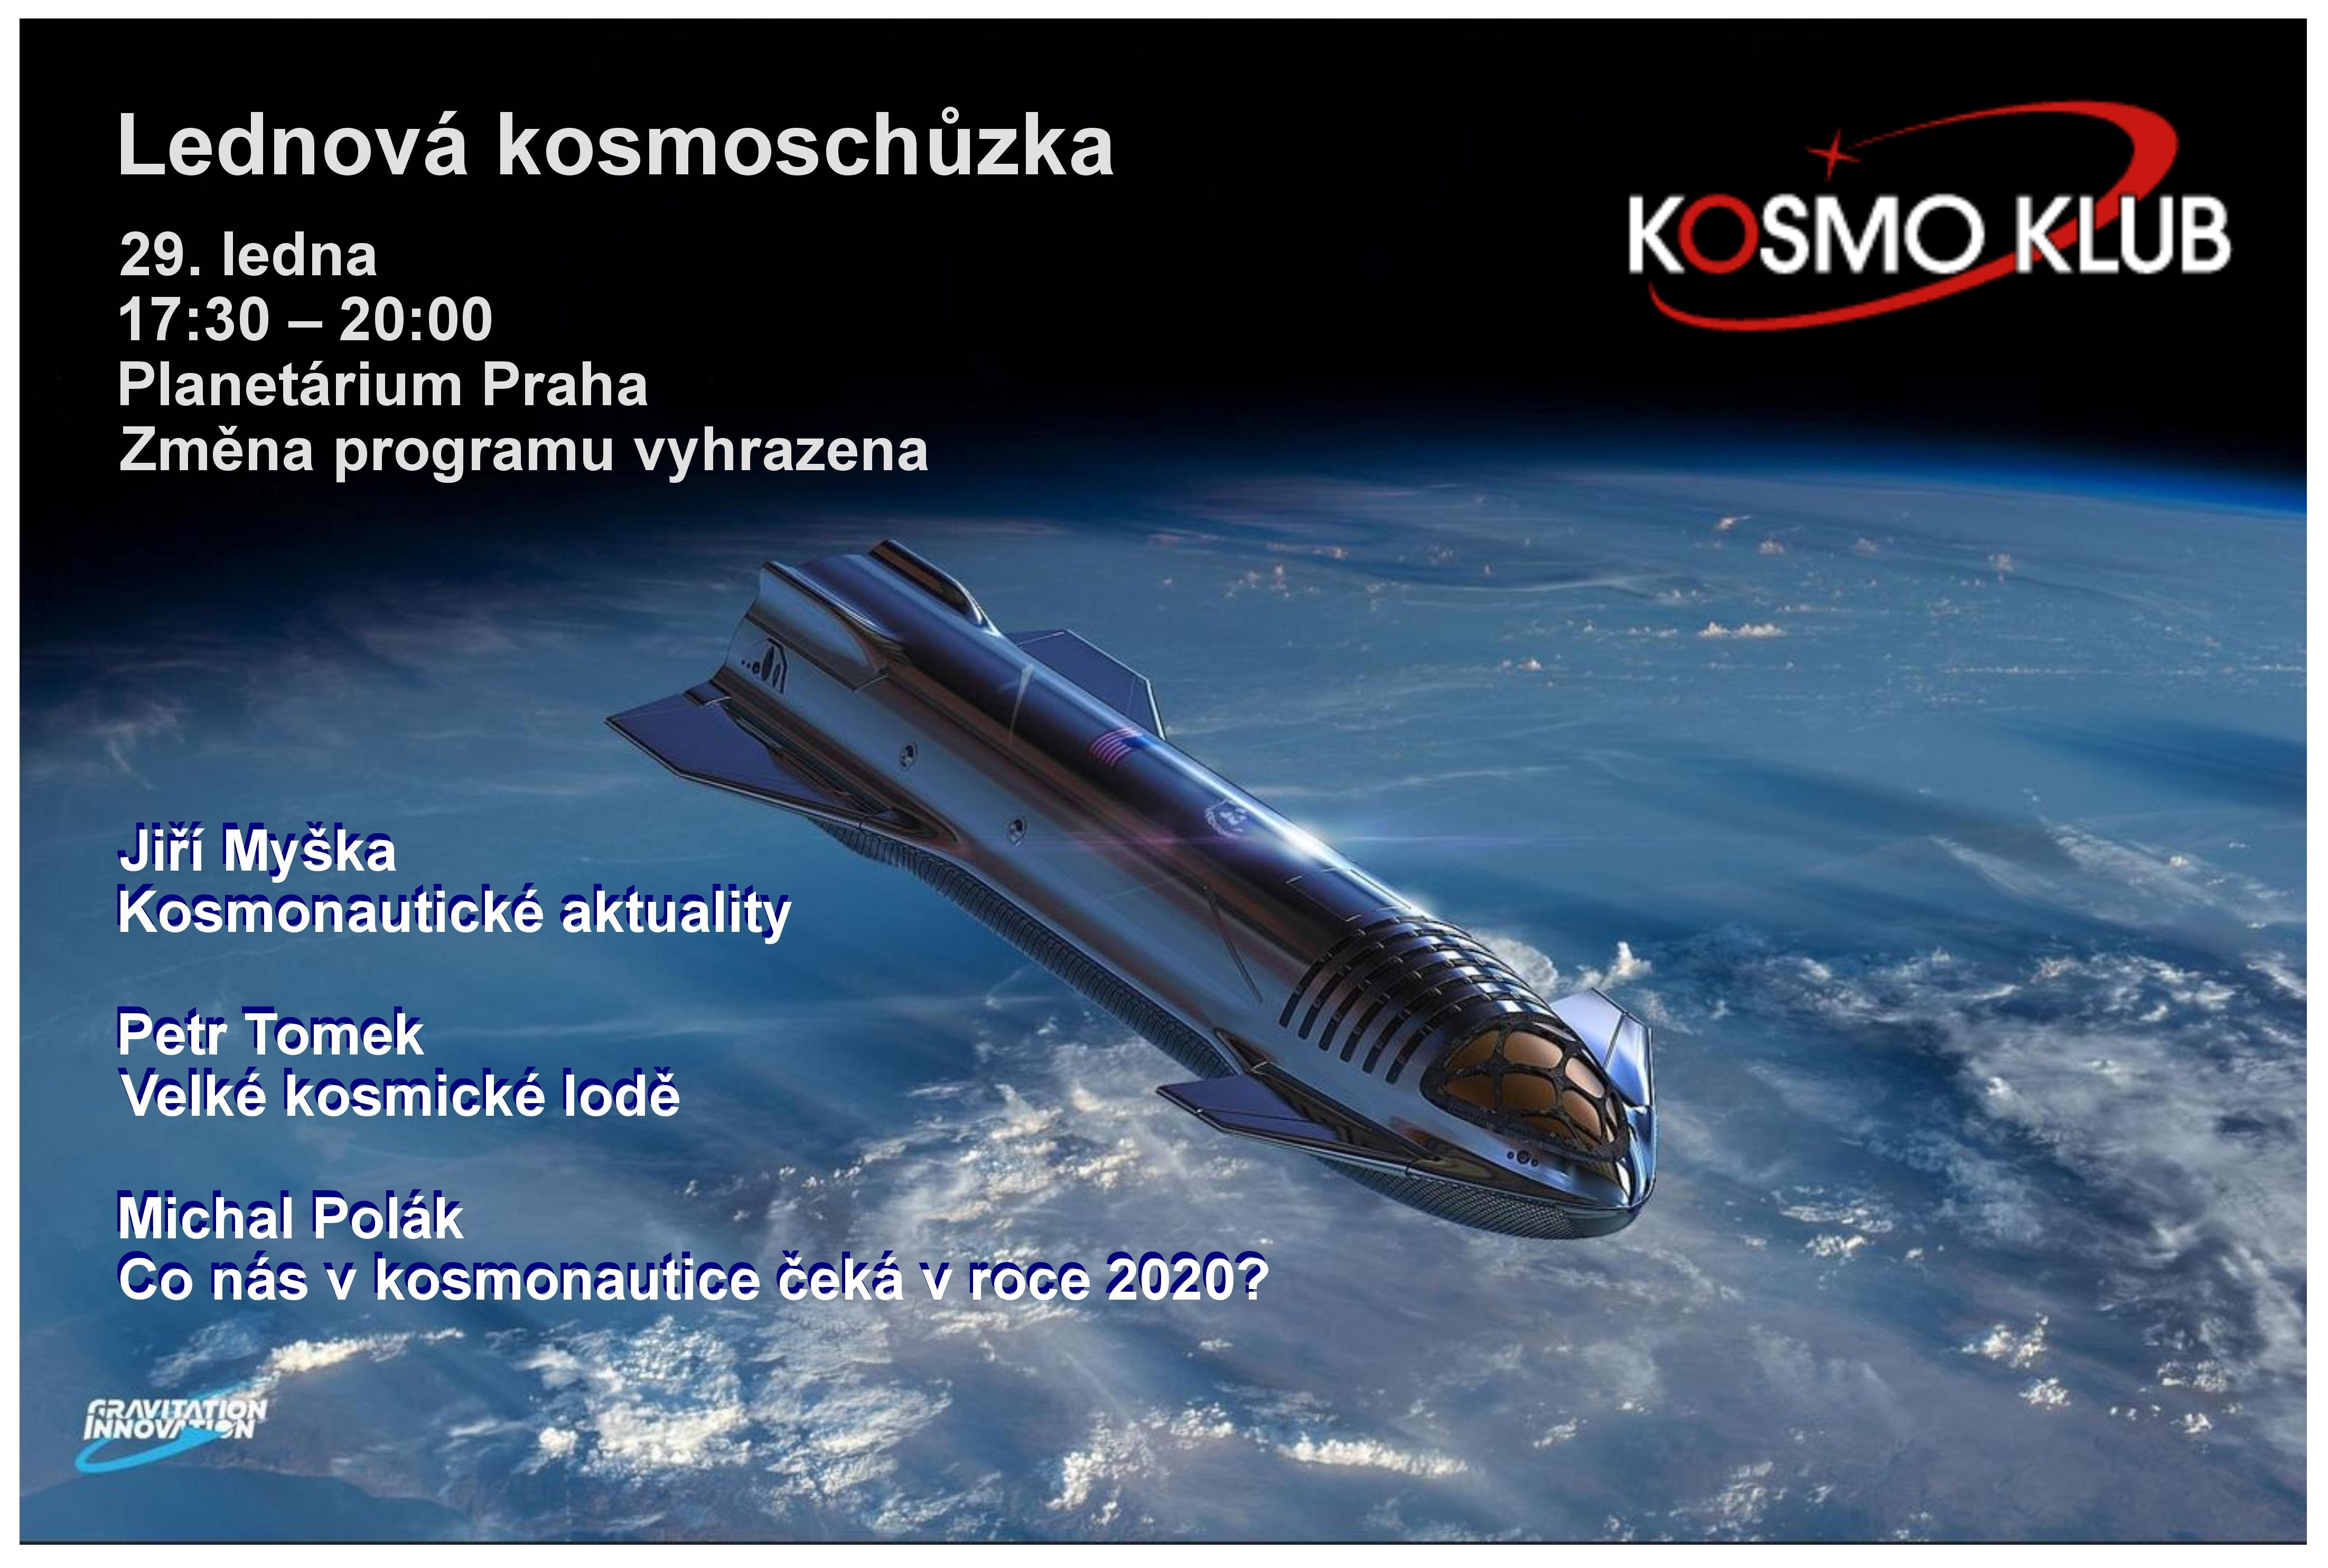 IMG:http://klub.kosmo.cz/system/files/kosmoschuzka-leden-2020.jpg